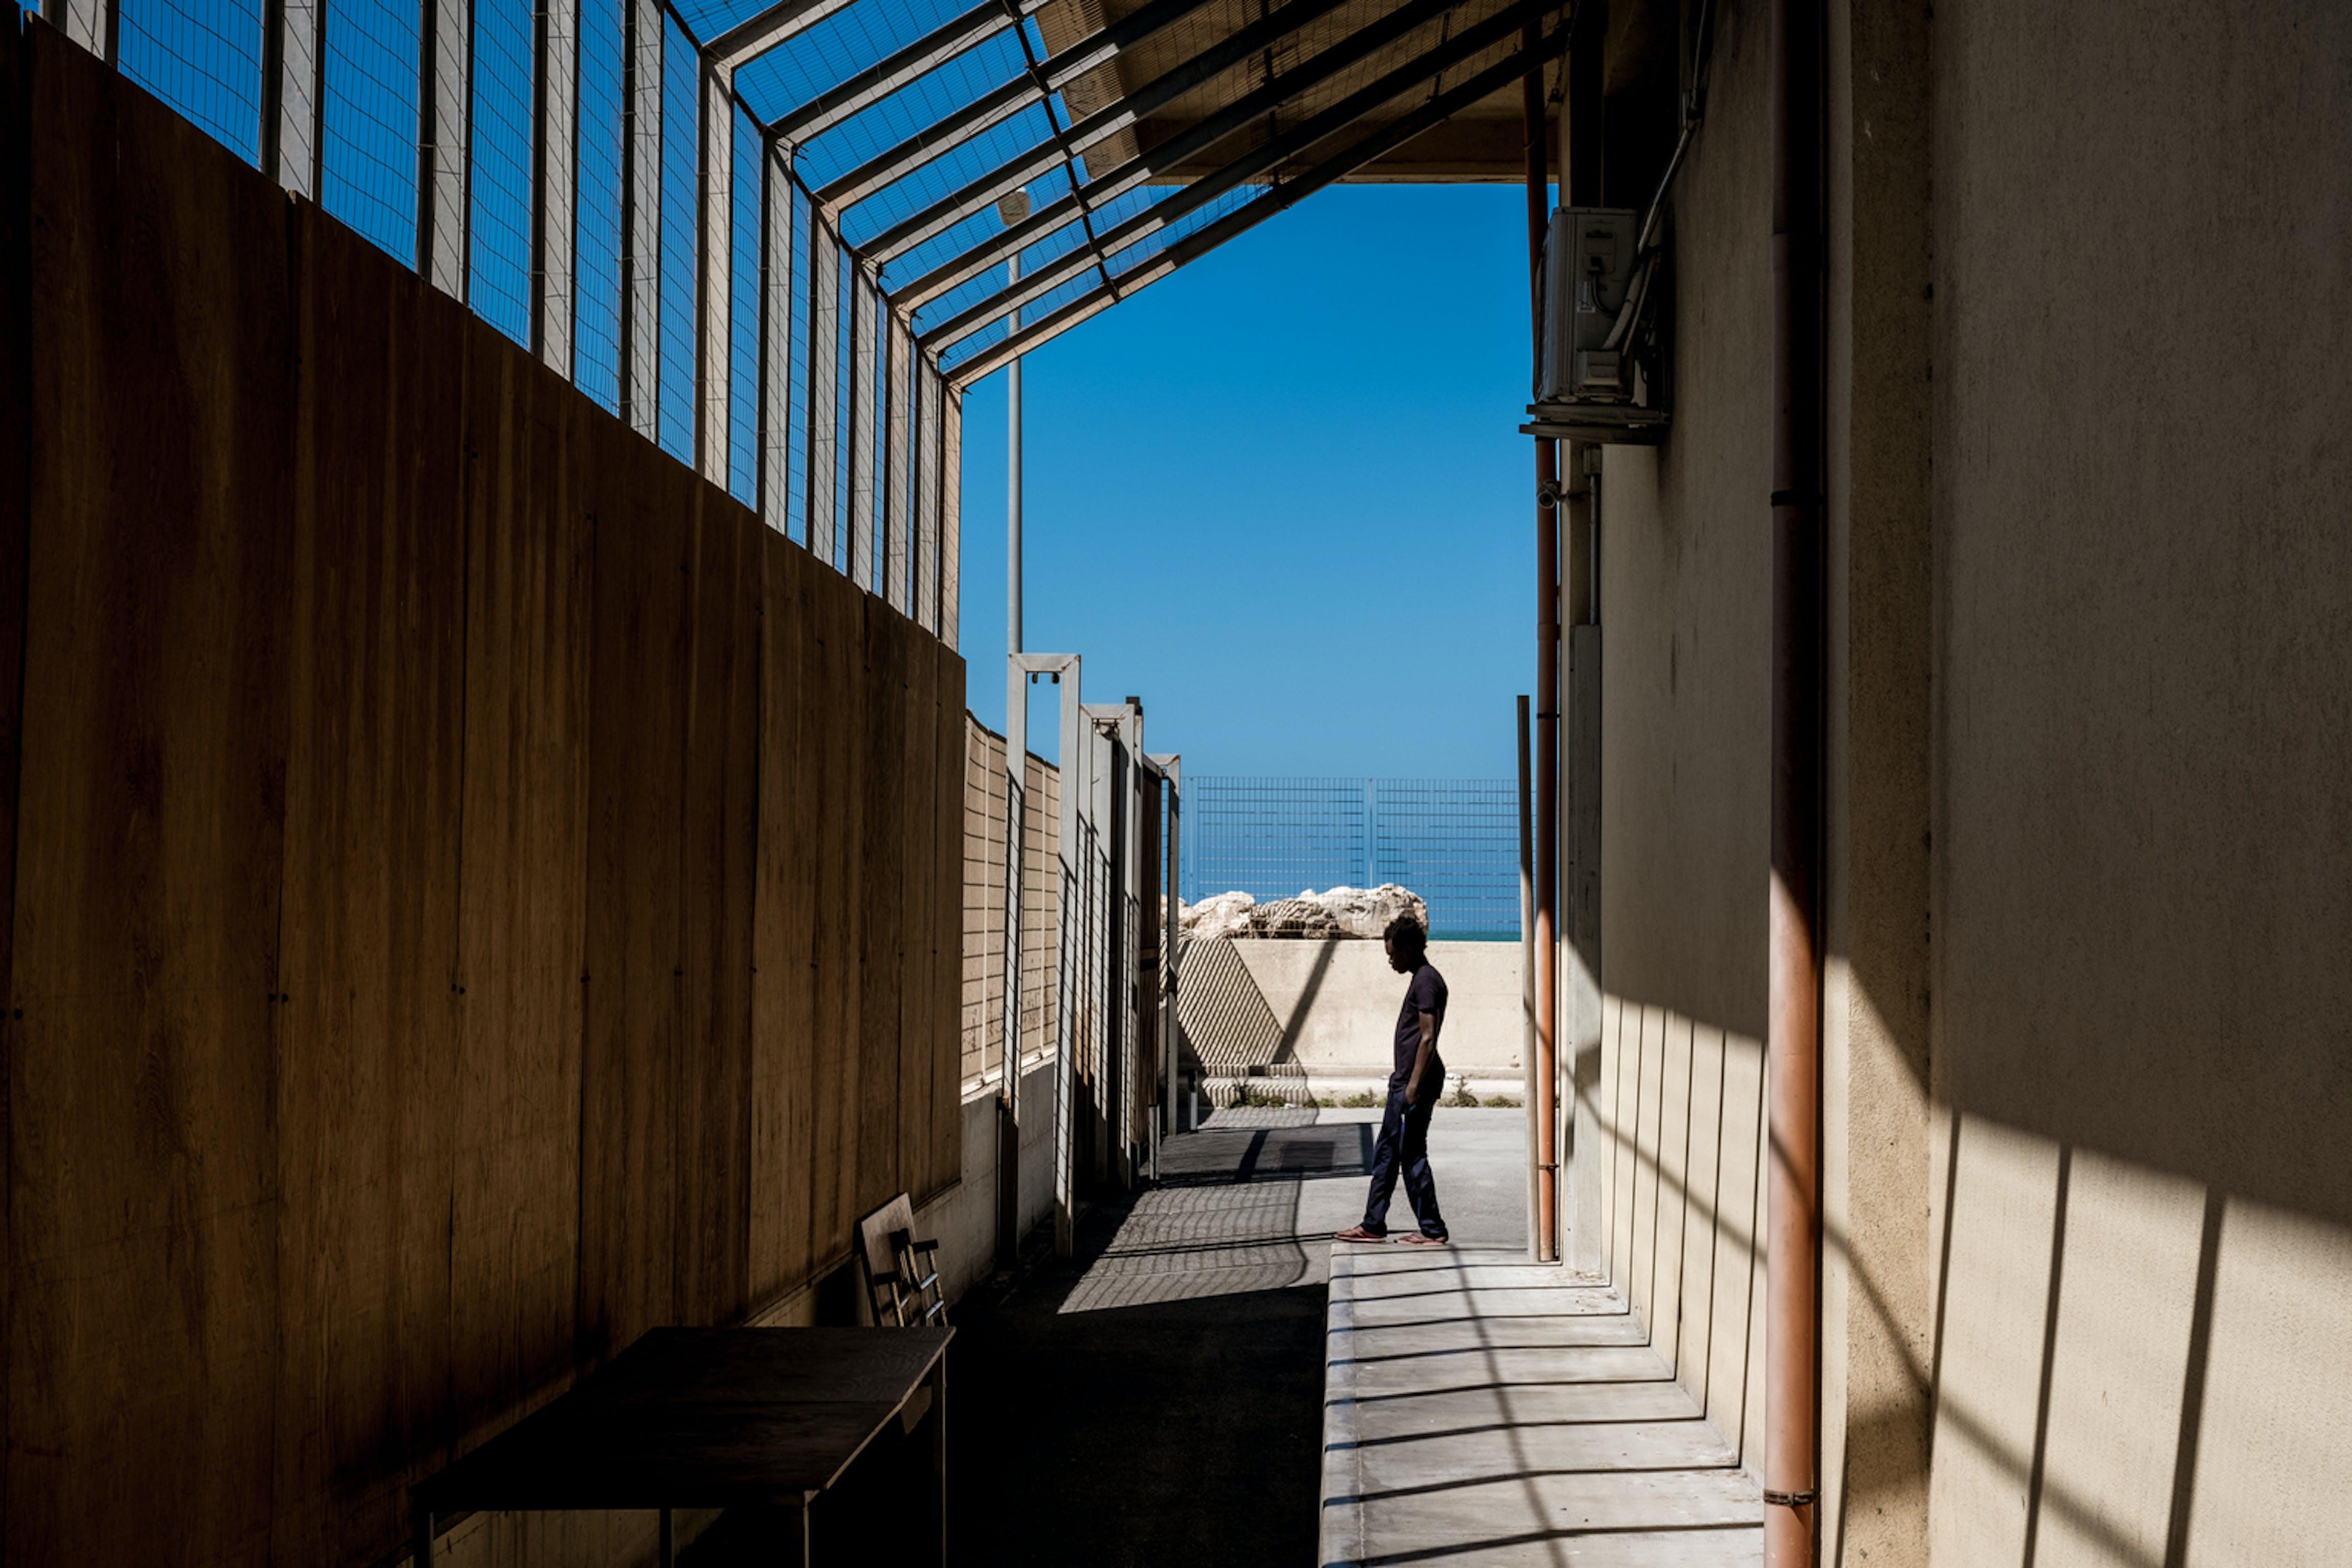 Un minorenne nello hotspot di Pozzallo (RG), in Sicilia. I minori spesso trascorrono in questa struttura molto più tempo dei 3 giorni massimi previsti dalla normativa vigente - ©UNICEF/UN020008/Gilbertson VII Photo